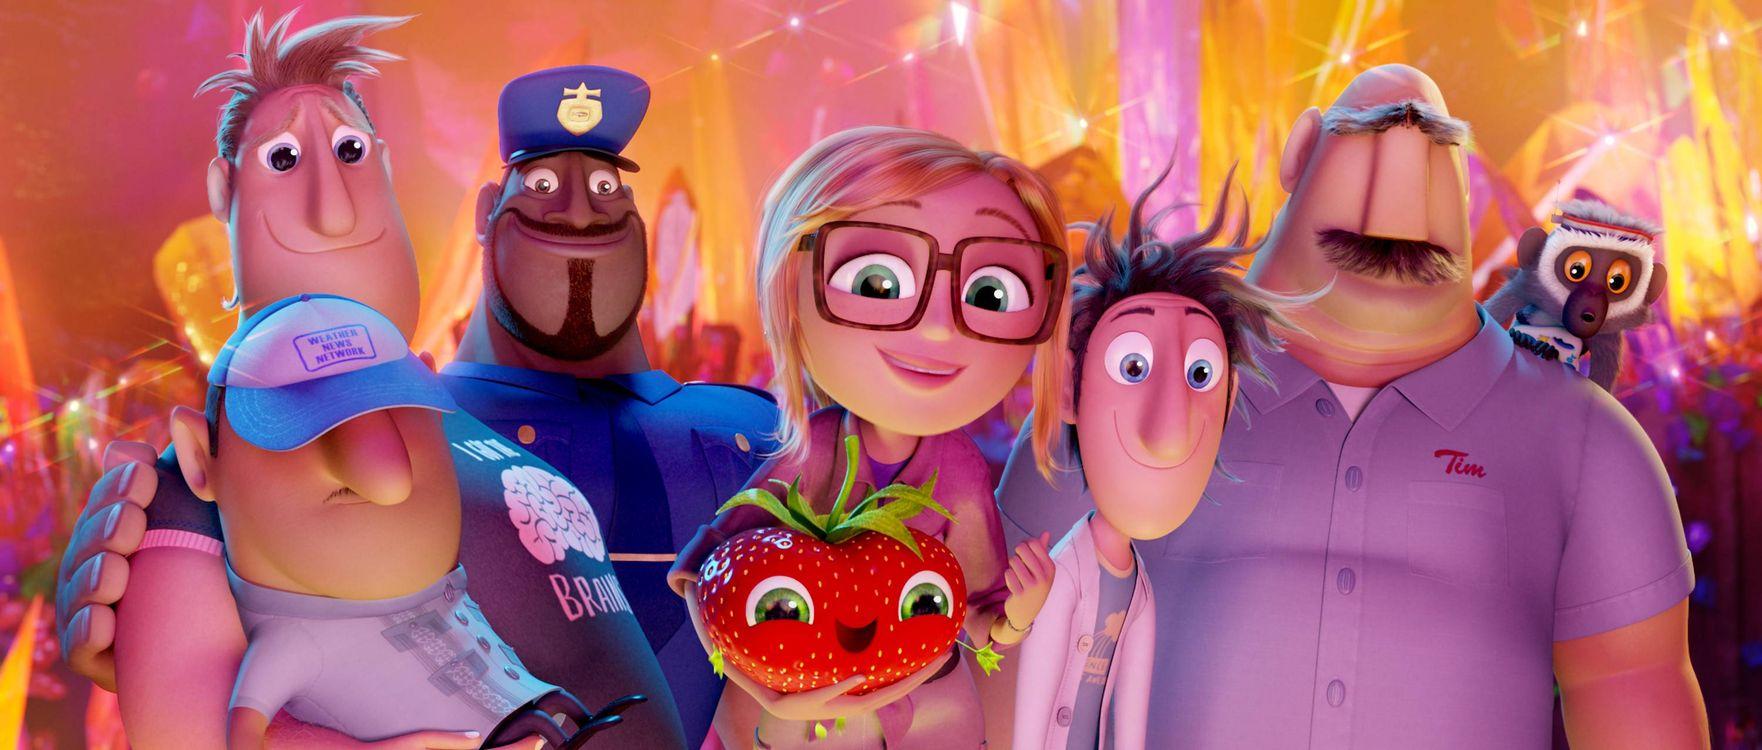 Фото бесплатно Облачно 2 Месть ГМО, Cloudy with a Chance of Meatballs 2, мультфильм, фэнтези, комедия, семейный, мультфильмы - скачать на рабочий стол